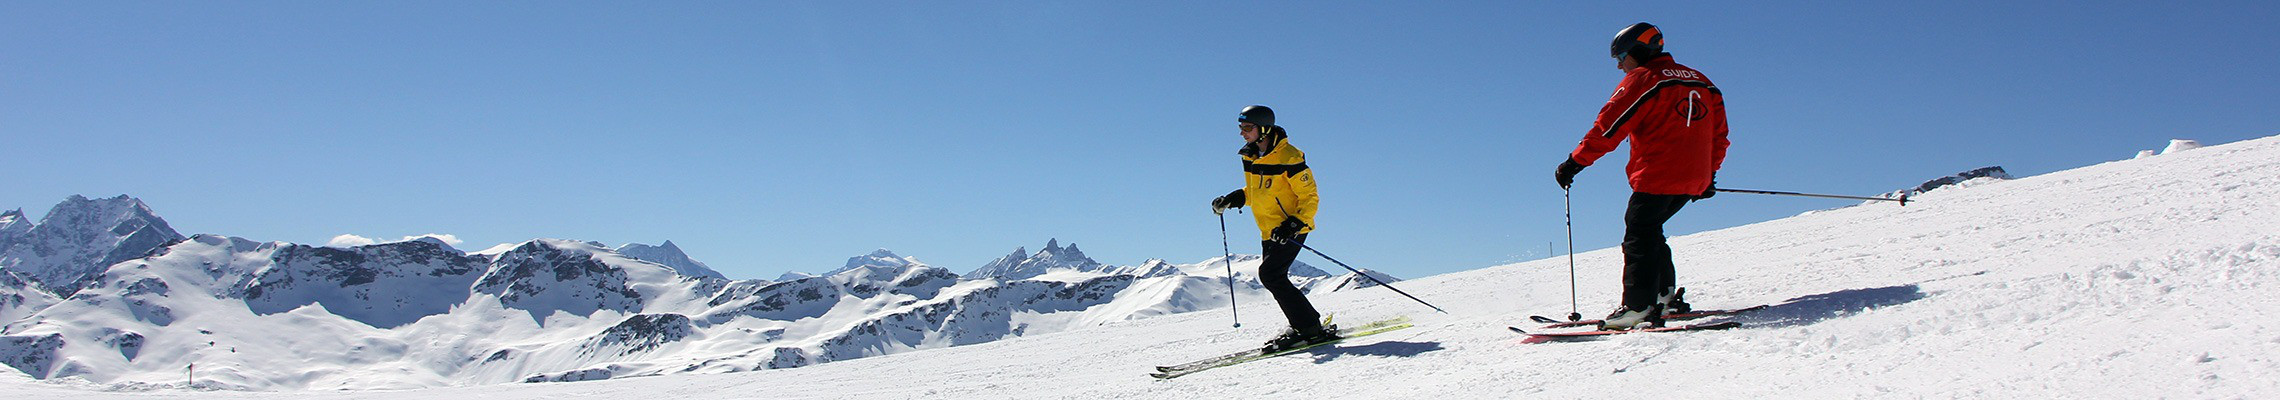 Photo: Un tandem de skieurs alpins sur fond de sommets enneigés.